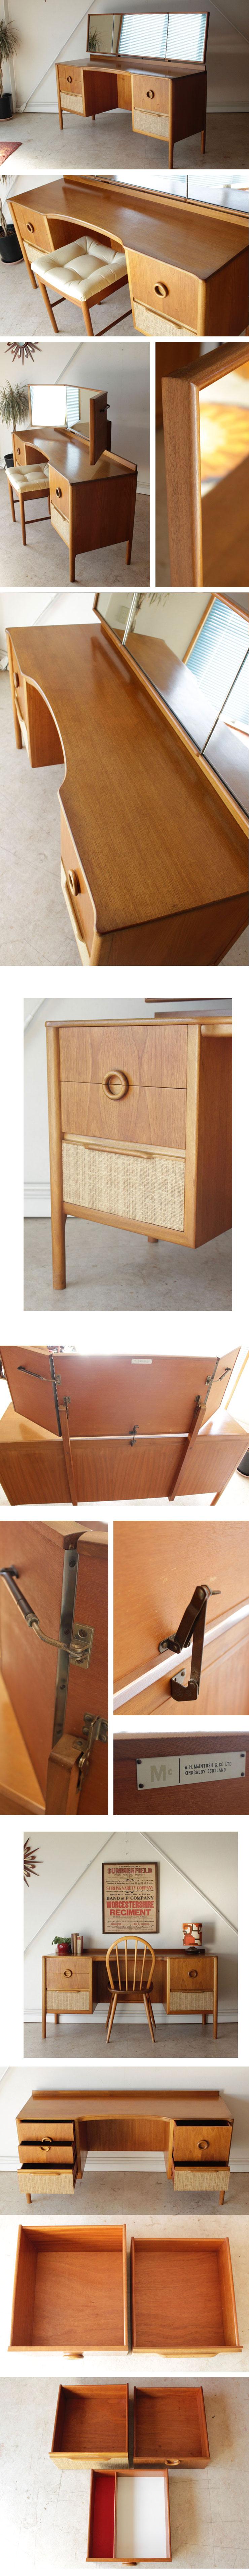 机にもなるイギリス製ビンテージドレッサーデスク・ミッドセンチュリーアンティーク